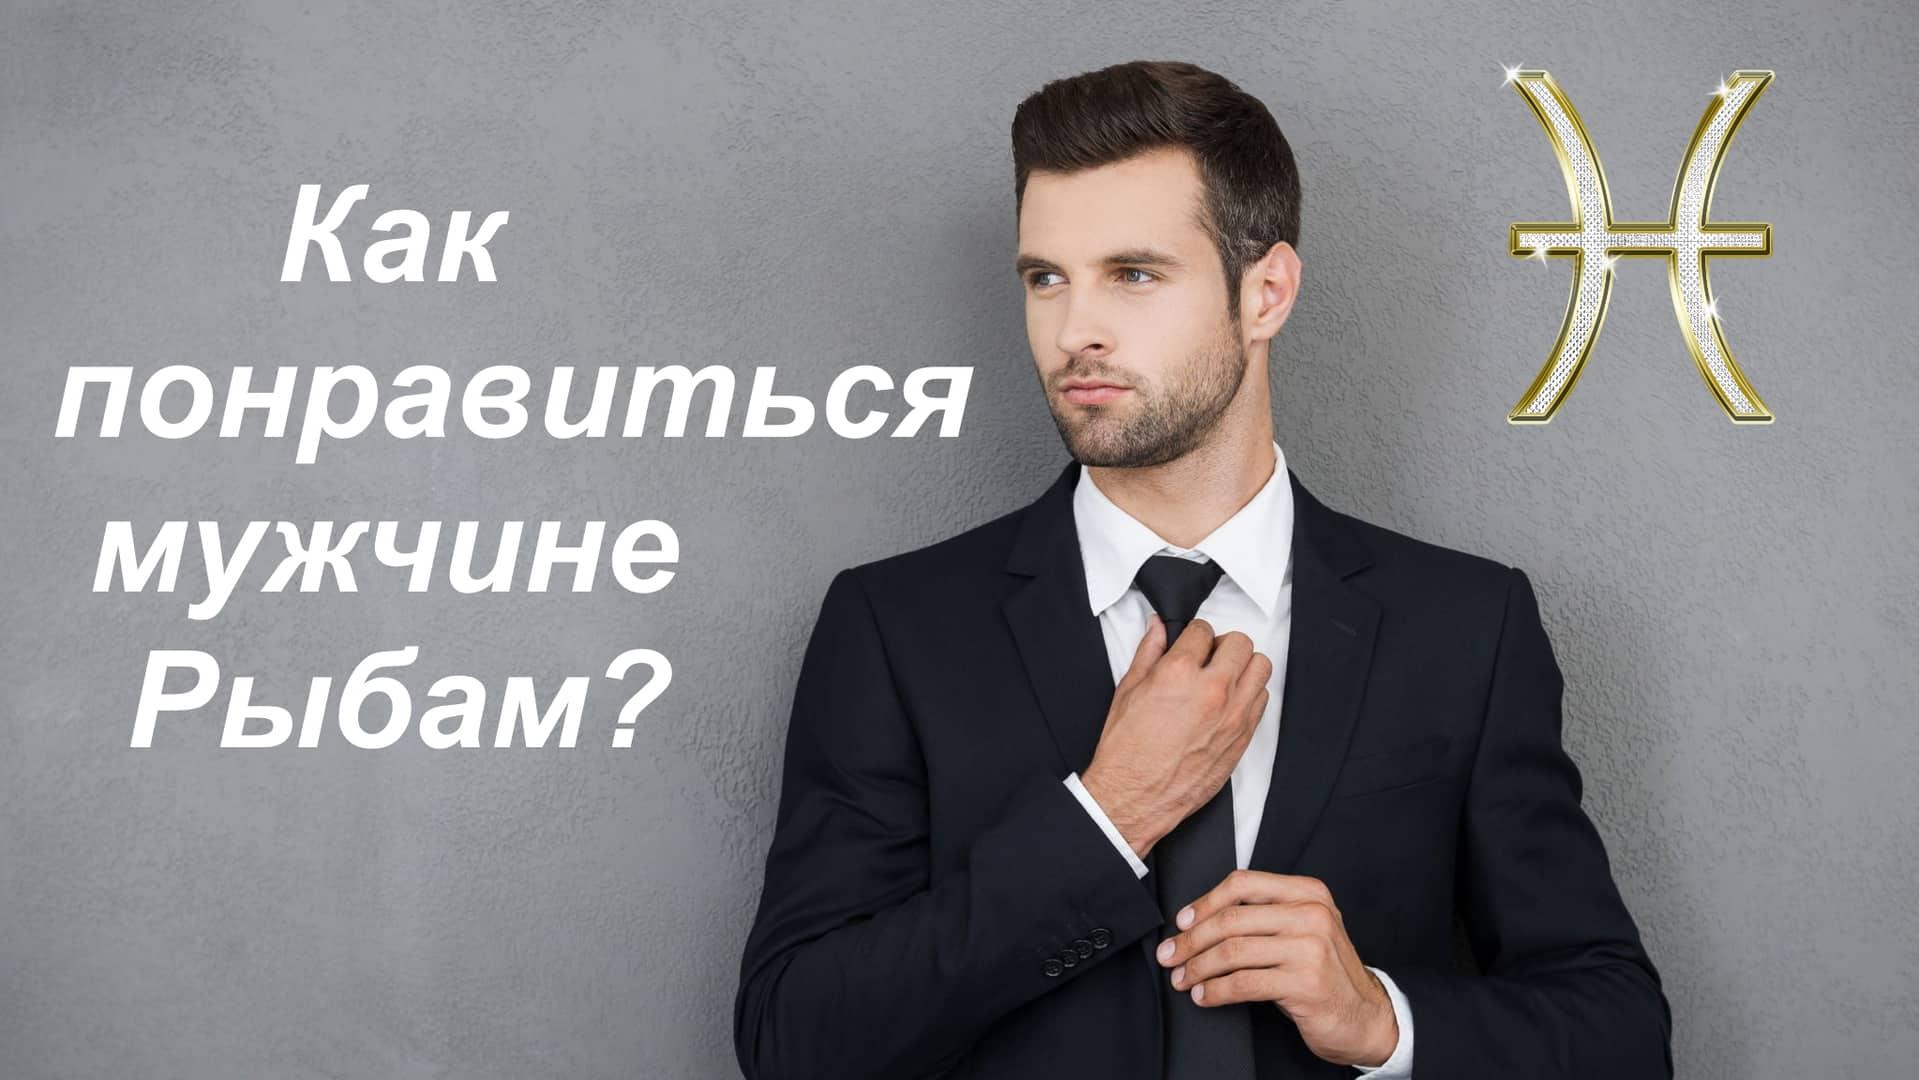 Как понравиться мужчине Рыбам - изображение с текстом